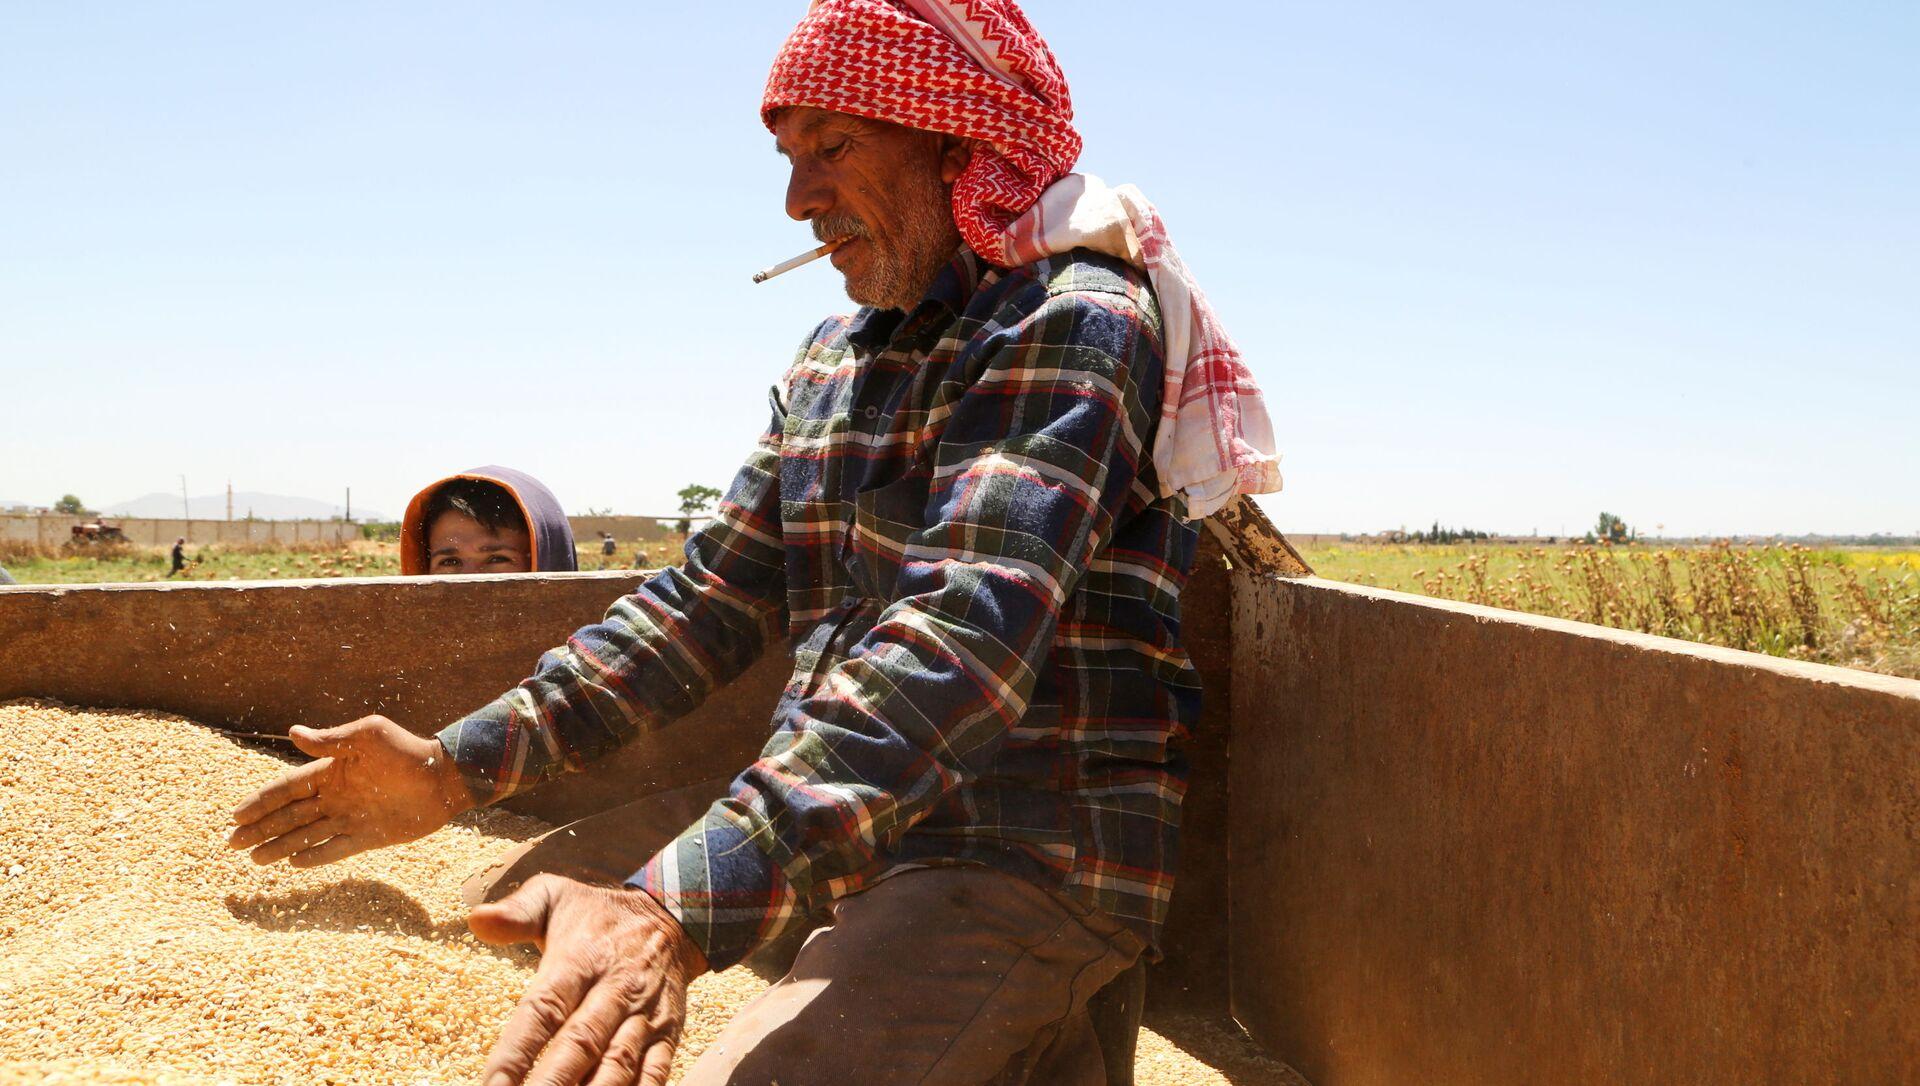 Suriye başkenti Şam'ın dışındaki Deyr Habiyeh'de buğday hasadını kontrol eden çiftçi (17 Haziran 2021) - Sputnik Türkiye, 1920, 04.07.2021